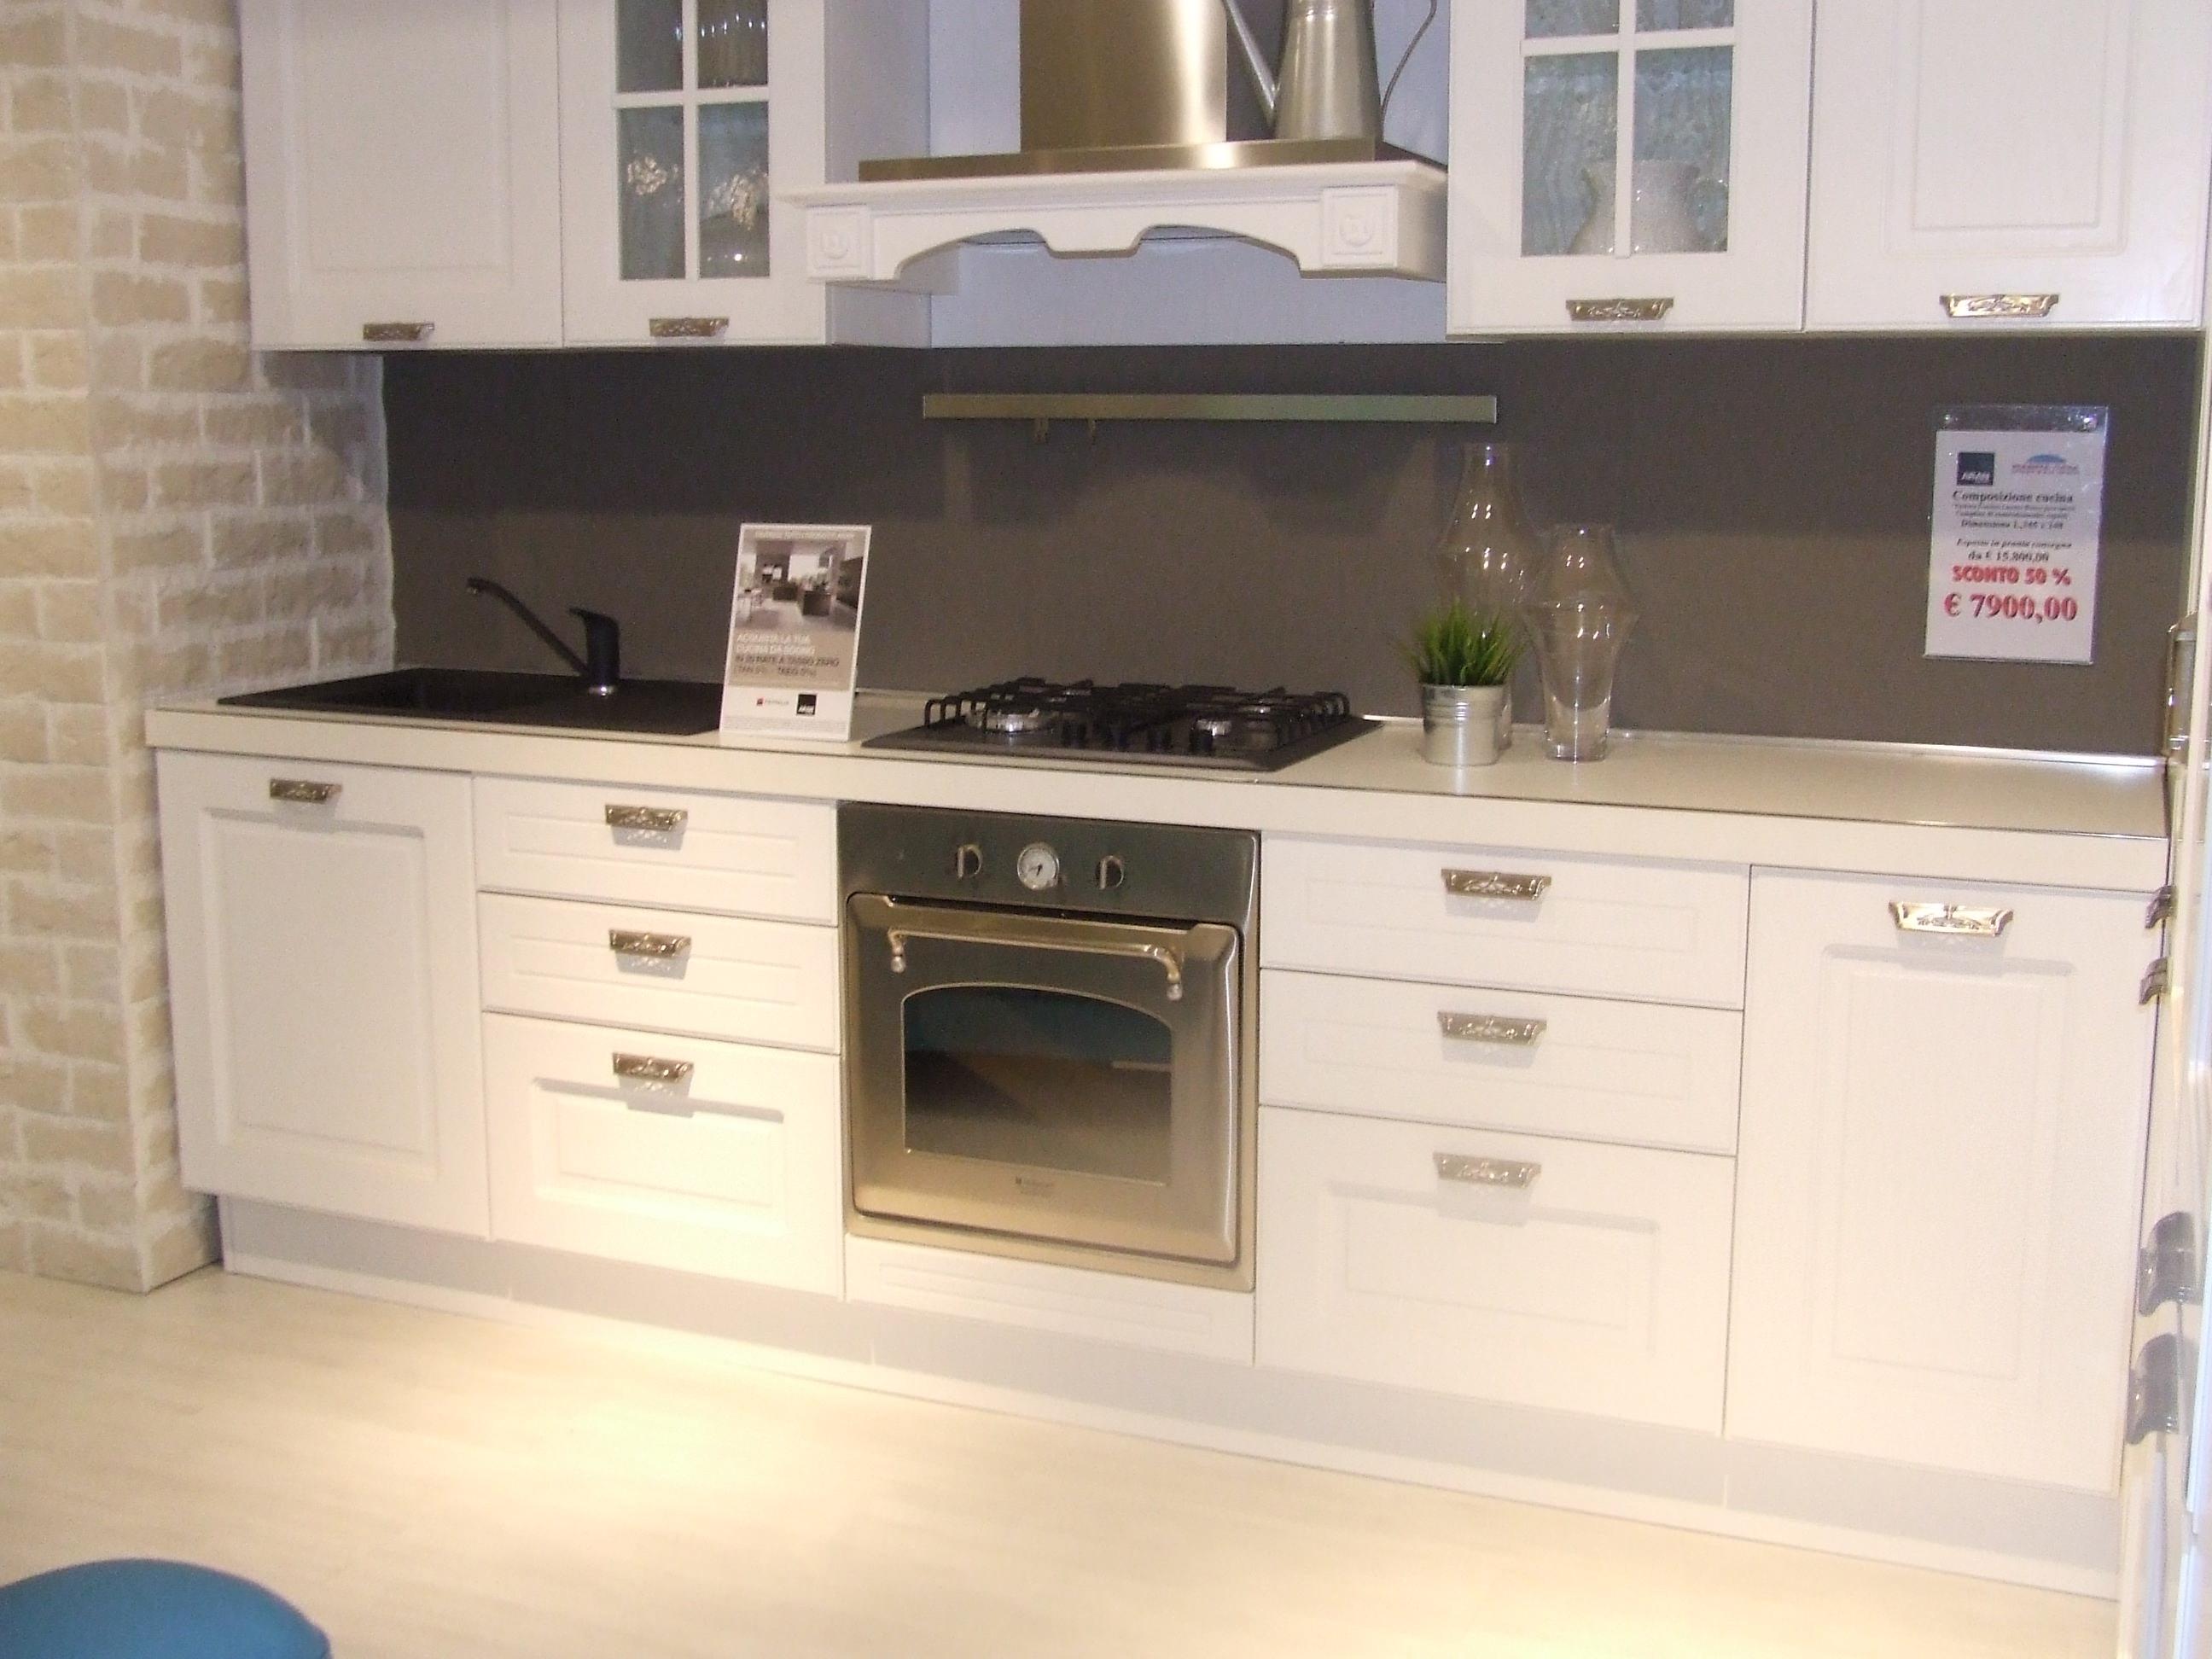 Cucine E Cucine Vimercate - Design Per La Casa Moderna - Ltay.net